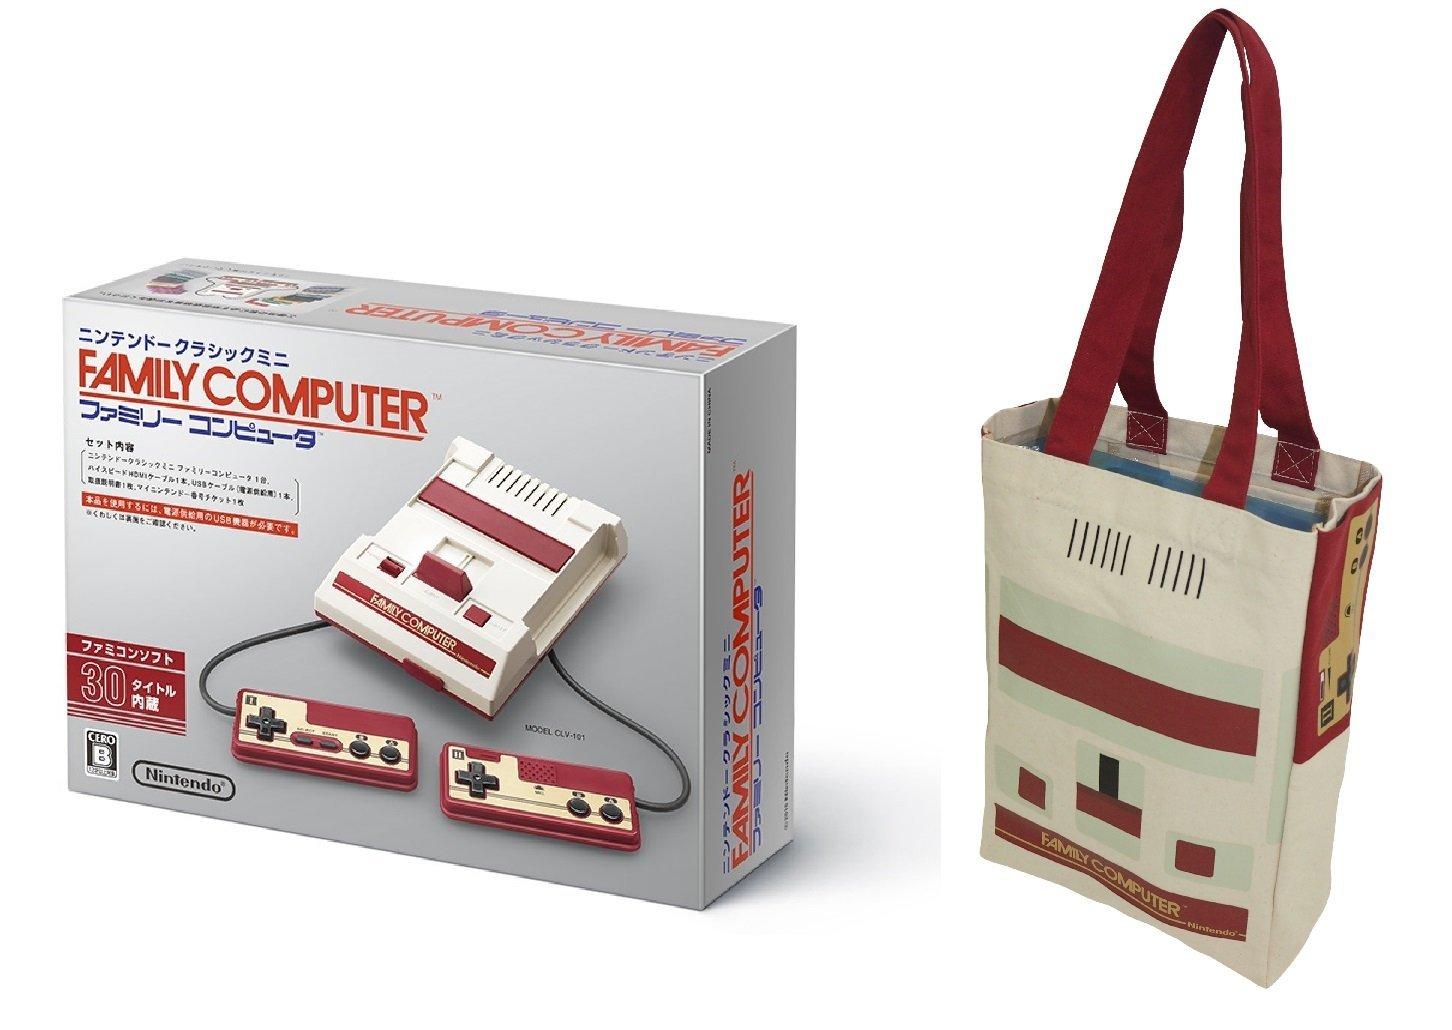 アマゾンでニンテンドークラシックミニ ファミリーコンピュータ+ファミコン トートバッグ が定価の9158円で予約受付中。7/4~。バッグはヤフオクで売ろう。